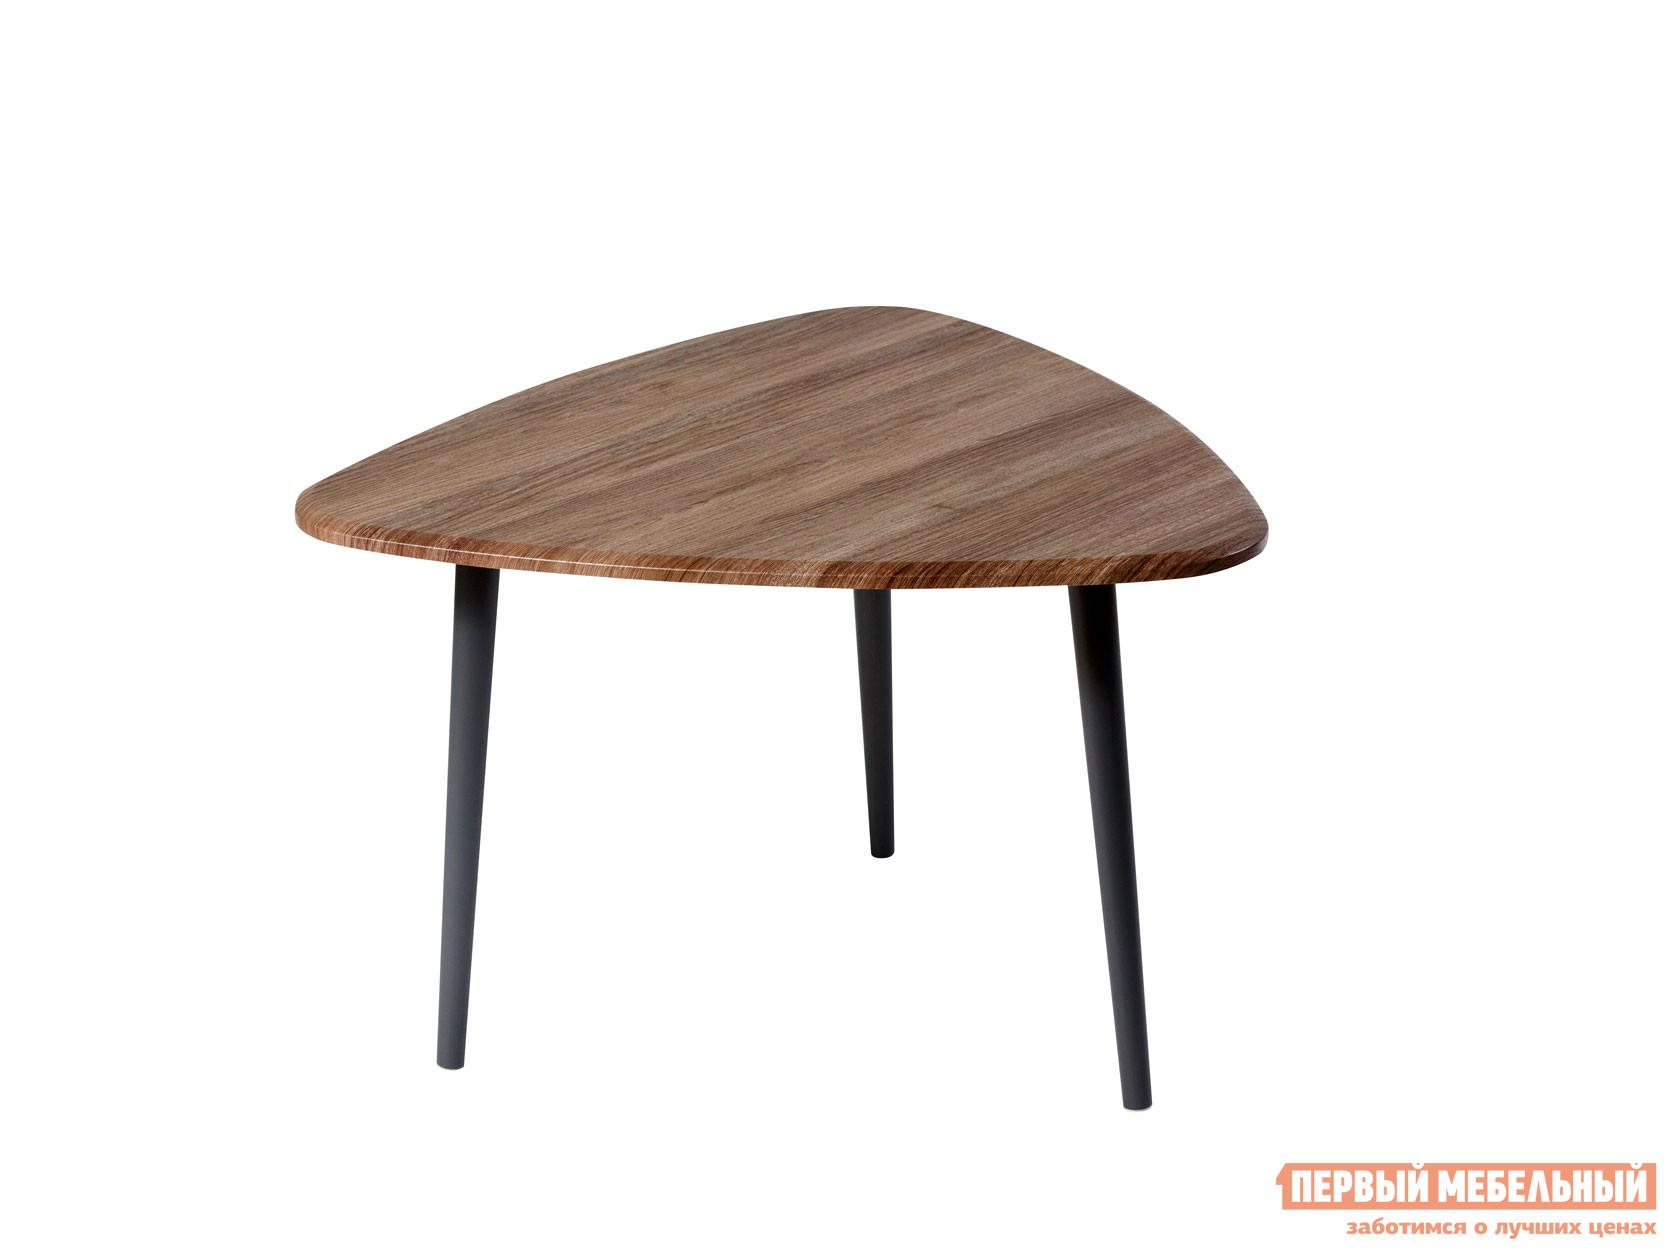 Журнальный столик Мебель Импэкс Стол журнальный Leset Мельбурн стол журнальный калифорния мебель мельбурн белый